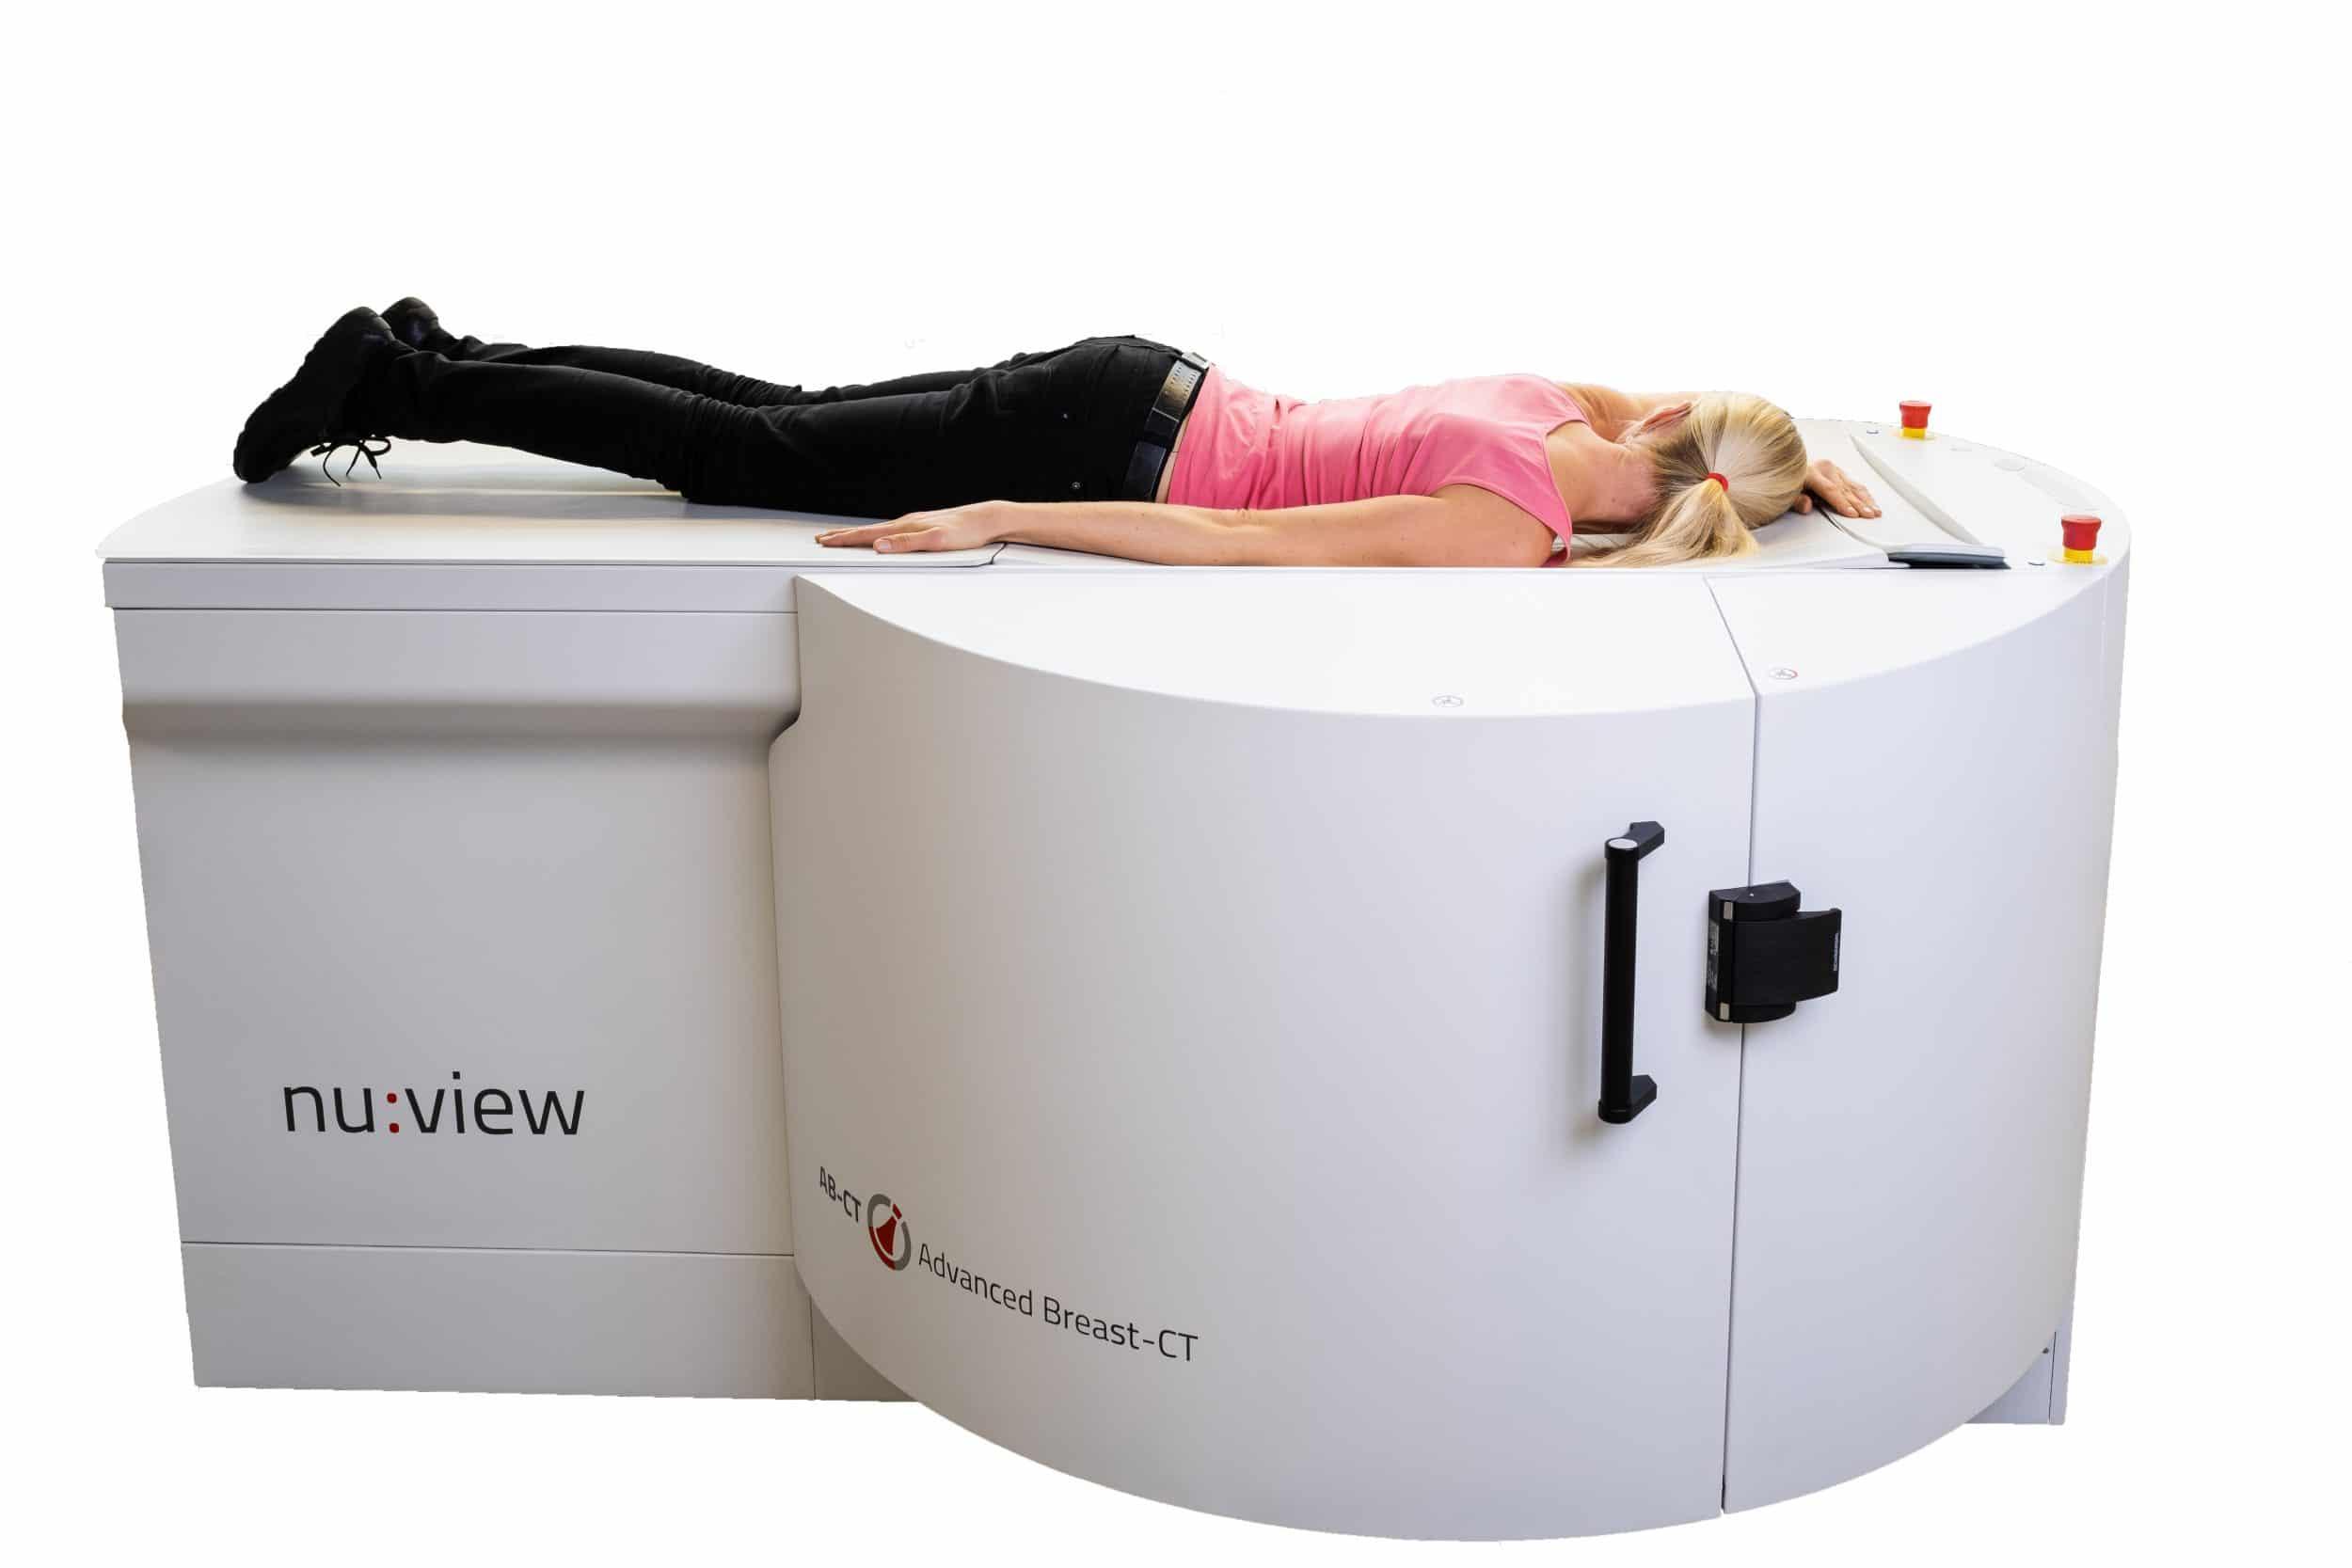 Das innovative Gerät ermöglicht hochauflösende 3D-Bildqualität bei höchstem Patientenkomfort. (Foto: AB-CT – Advanced Breast-CT)